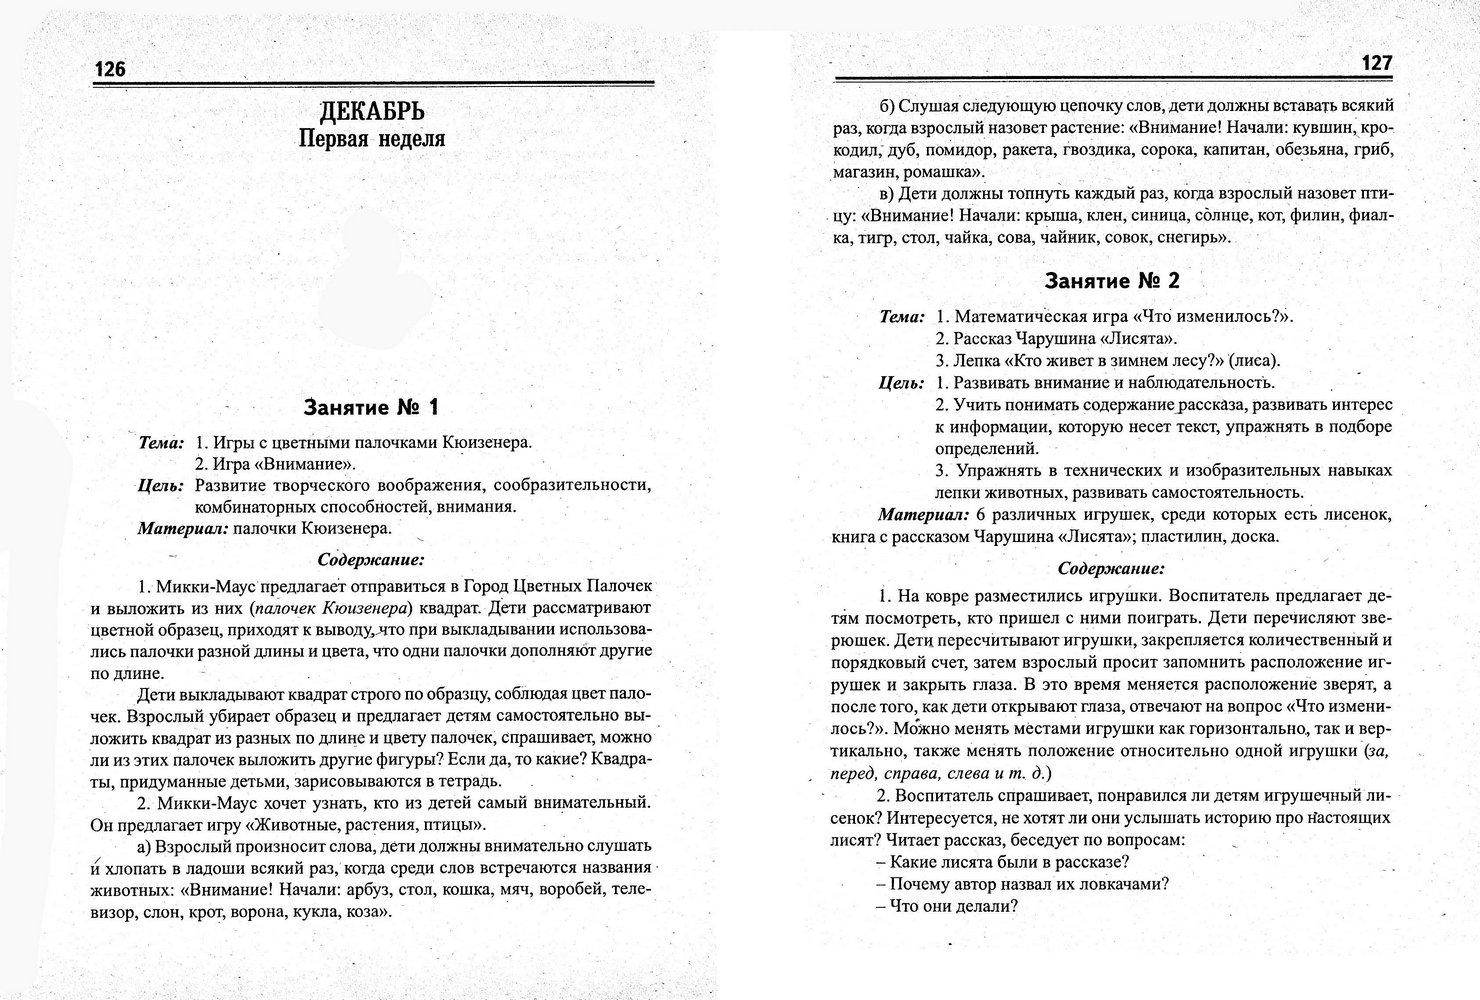 http://images.vfl.ru/ii/1367672075/a3cbf8fa/2276082.jpg